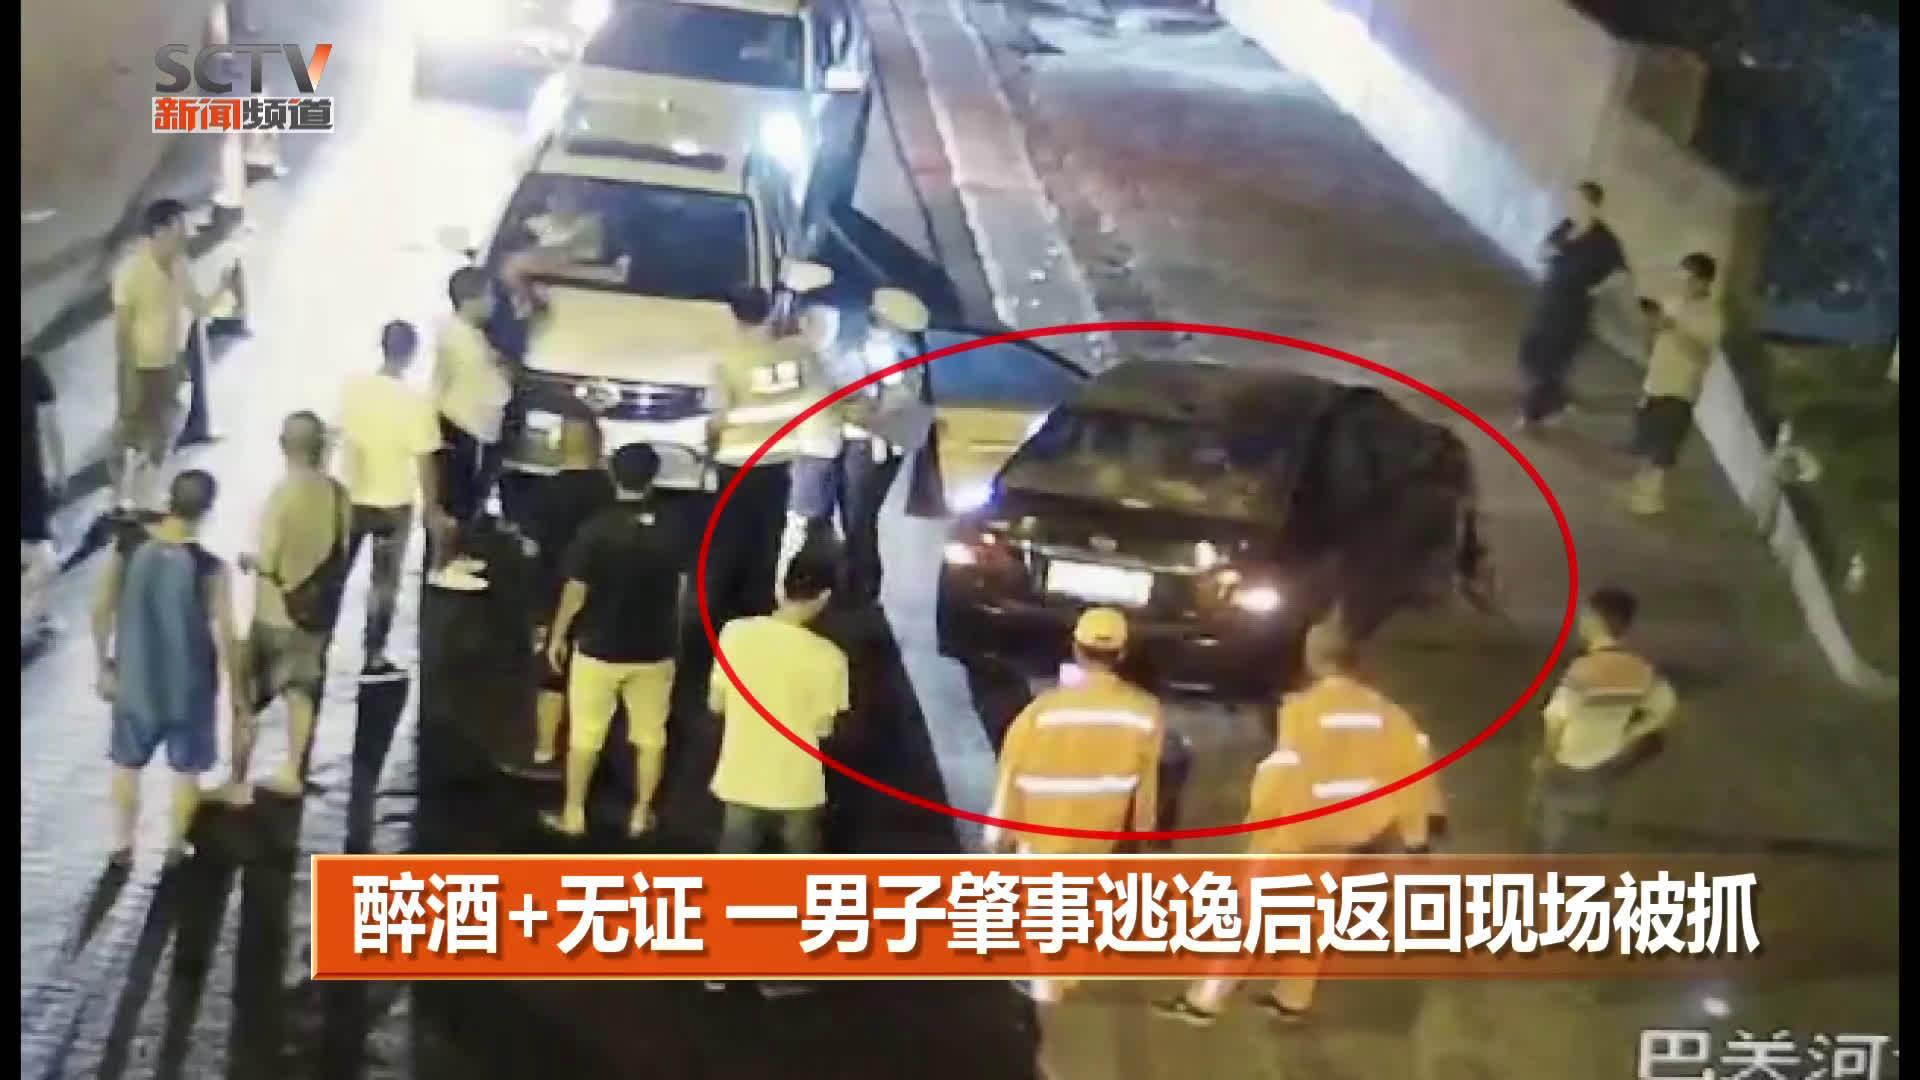 醉酒+无证 一男子肇事逃逸后返回现场被抓